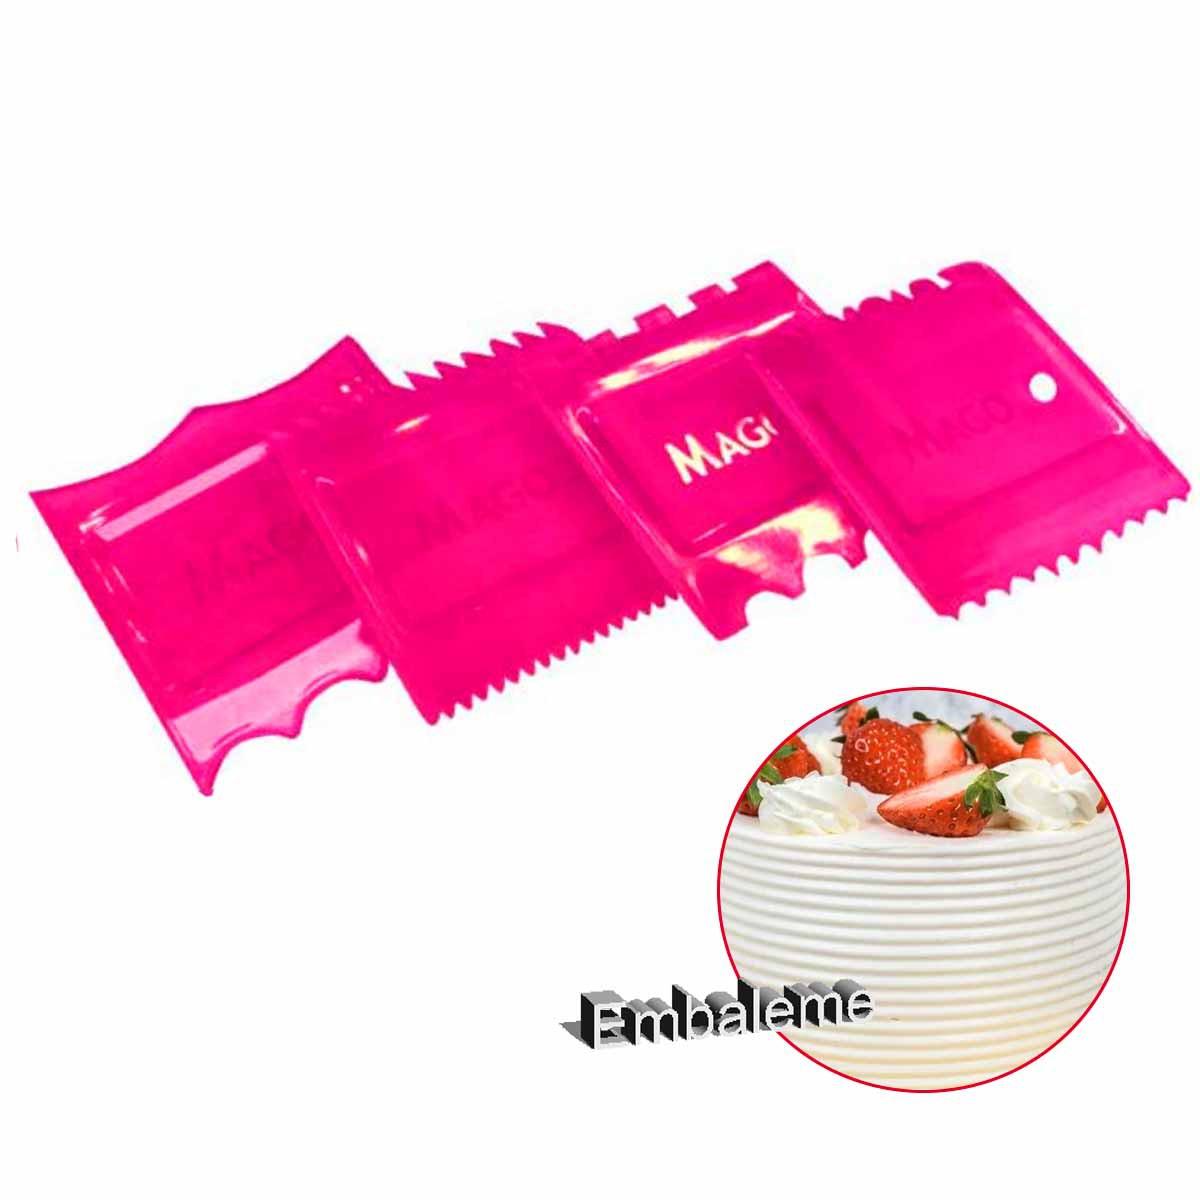 Espátula de bolo kit Raspador para confeitar 4 unidades Rosa Mago